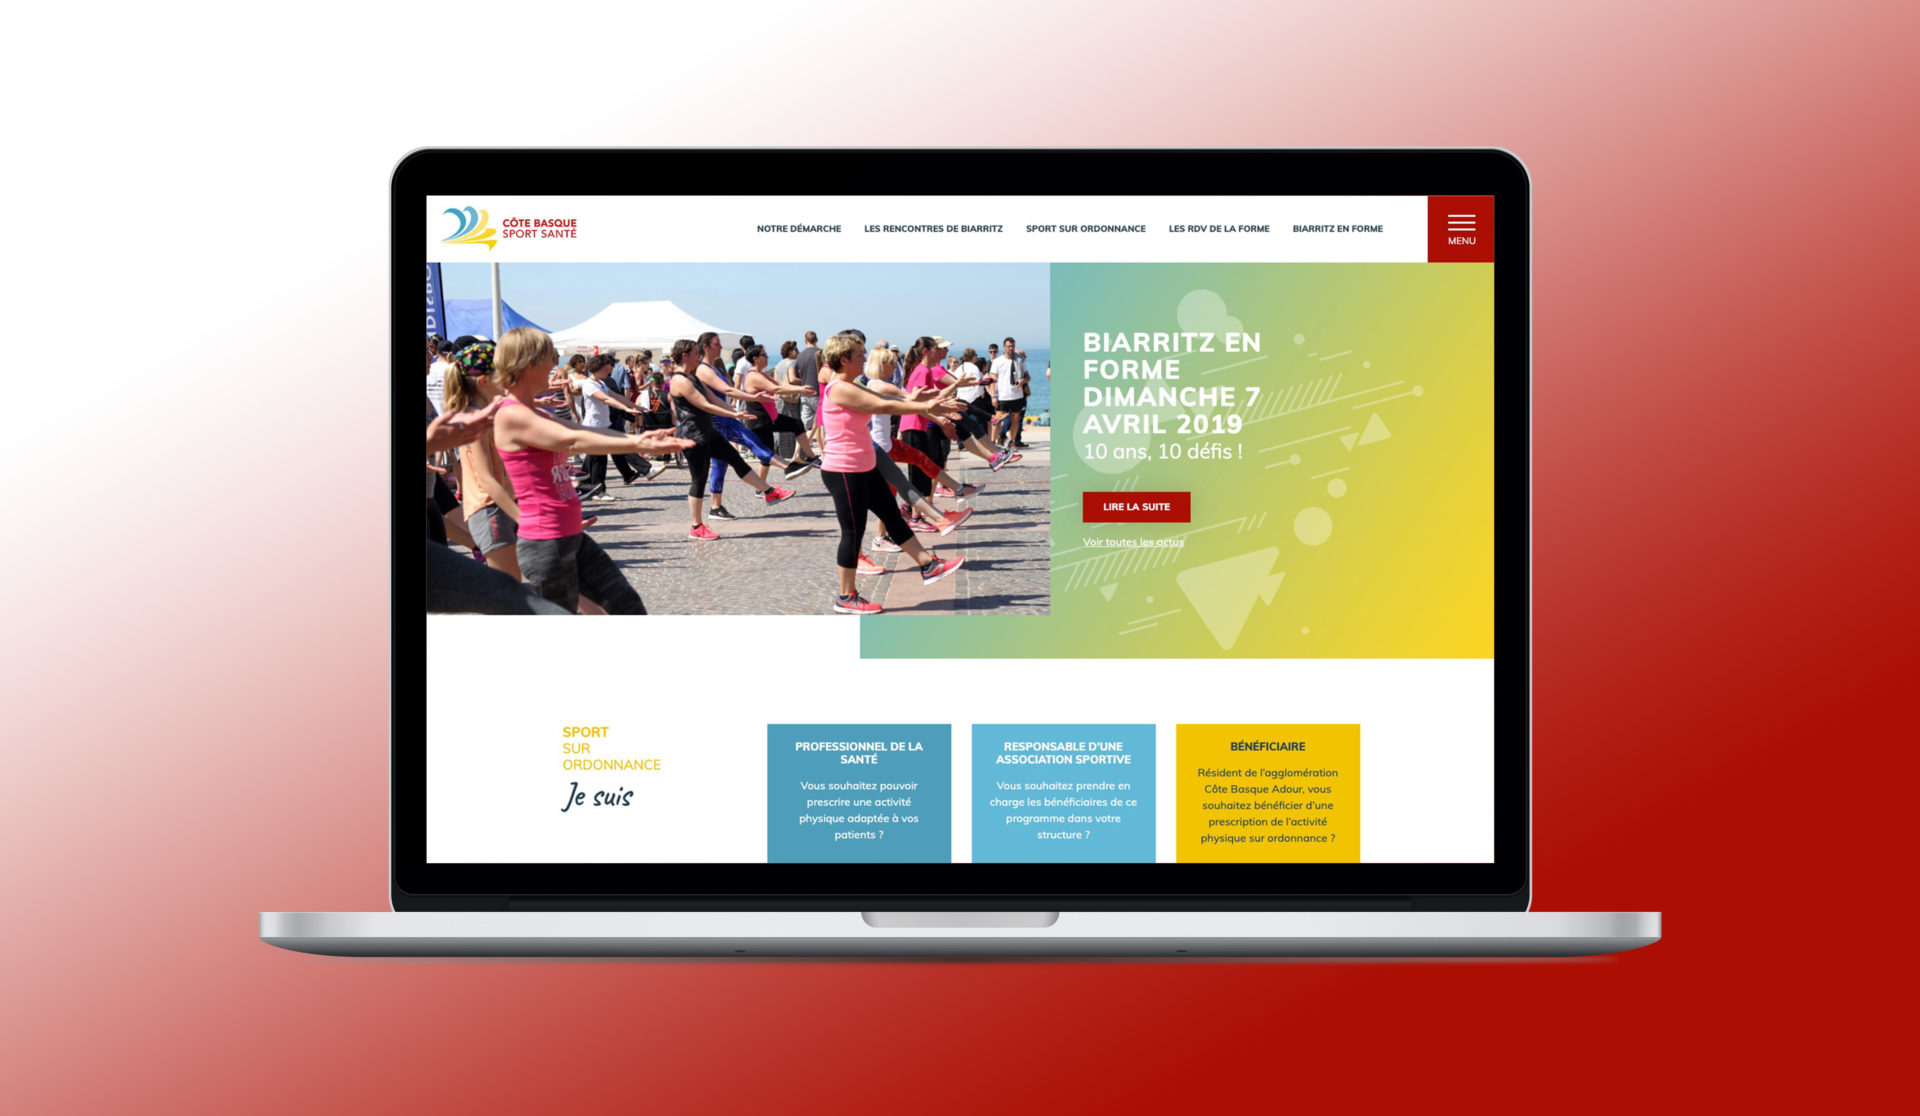 Cote basque sport santé accueil